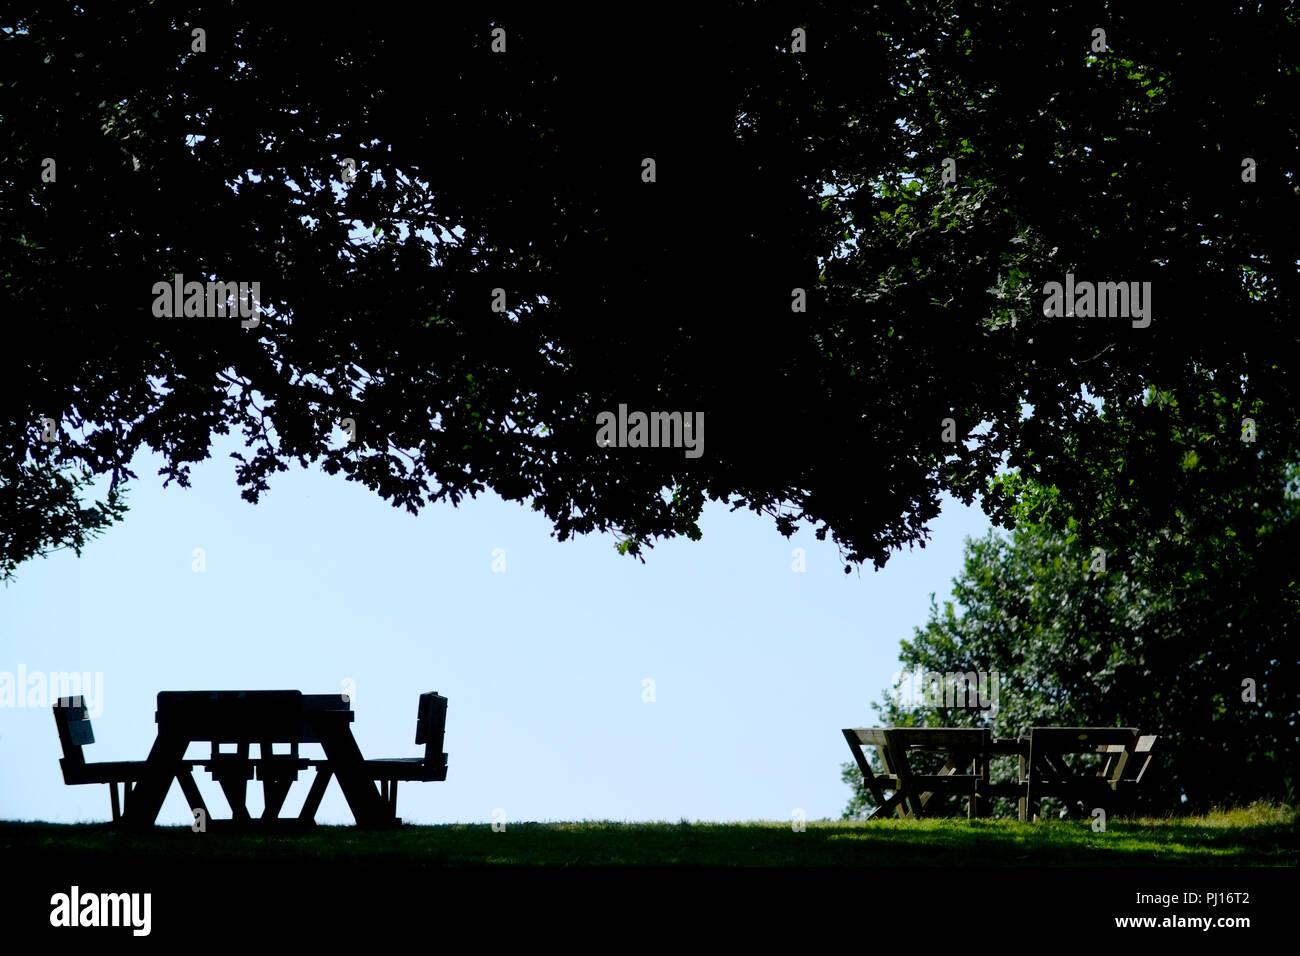 Tavolo da picnic sotto un albero, silhouette. Immagini Stock